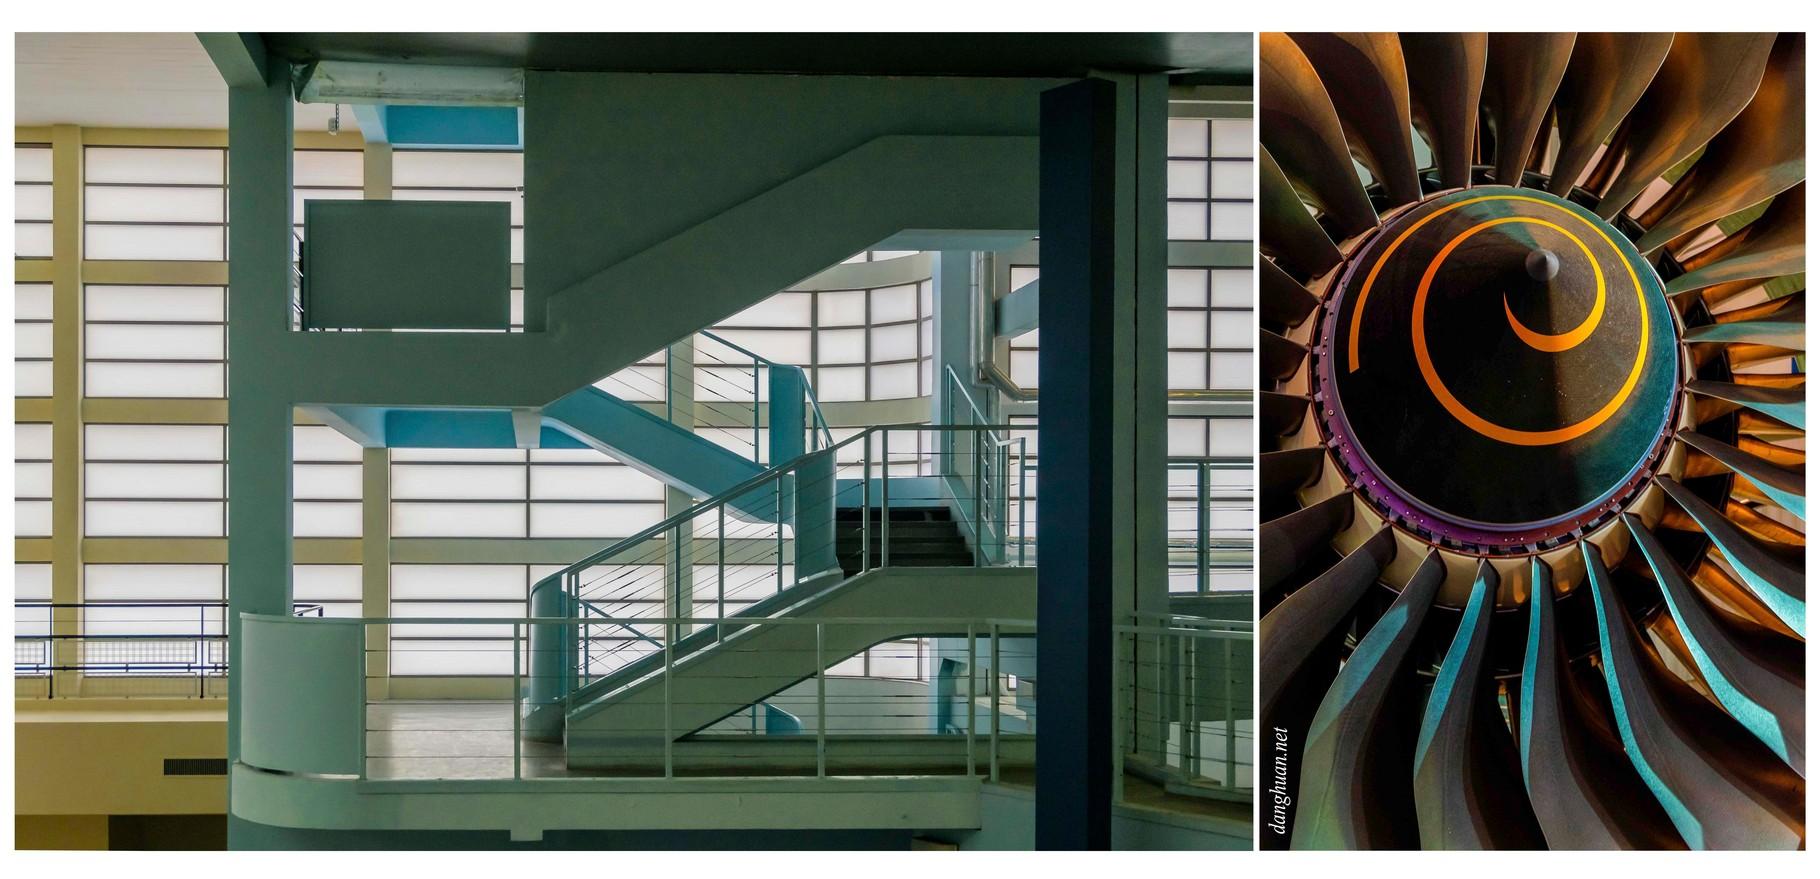 Musée de l'Air et de l'Espace (Le Bourget) : ici l'ancienne aérogare et architecture Art Déco